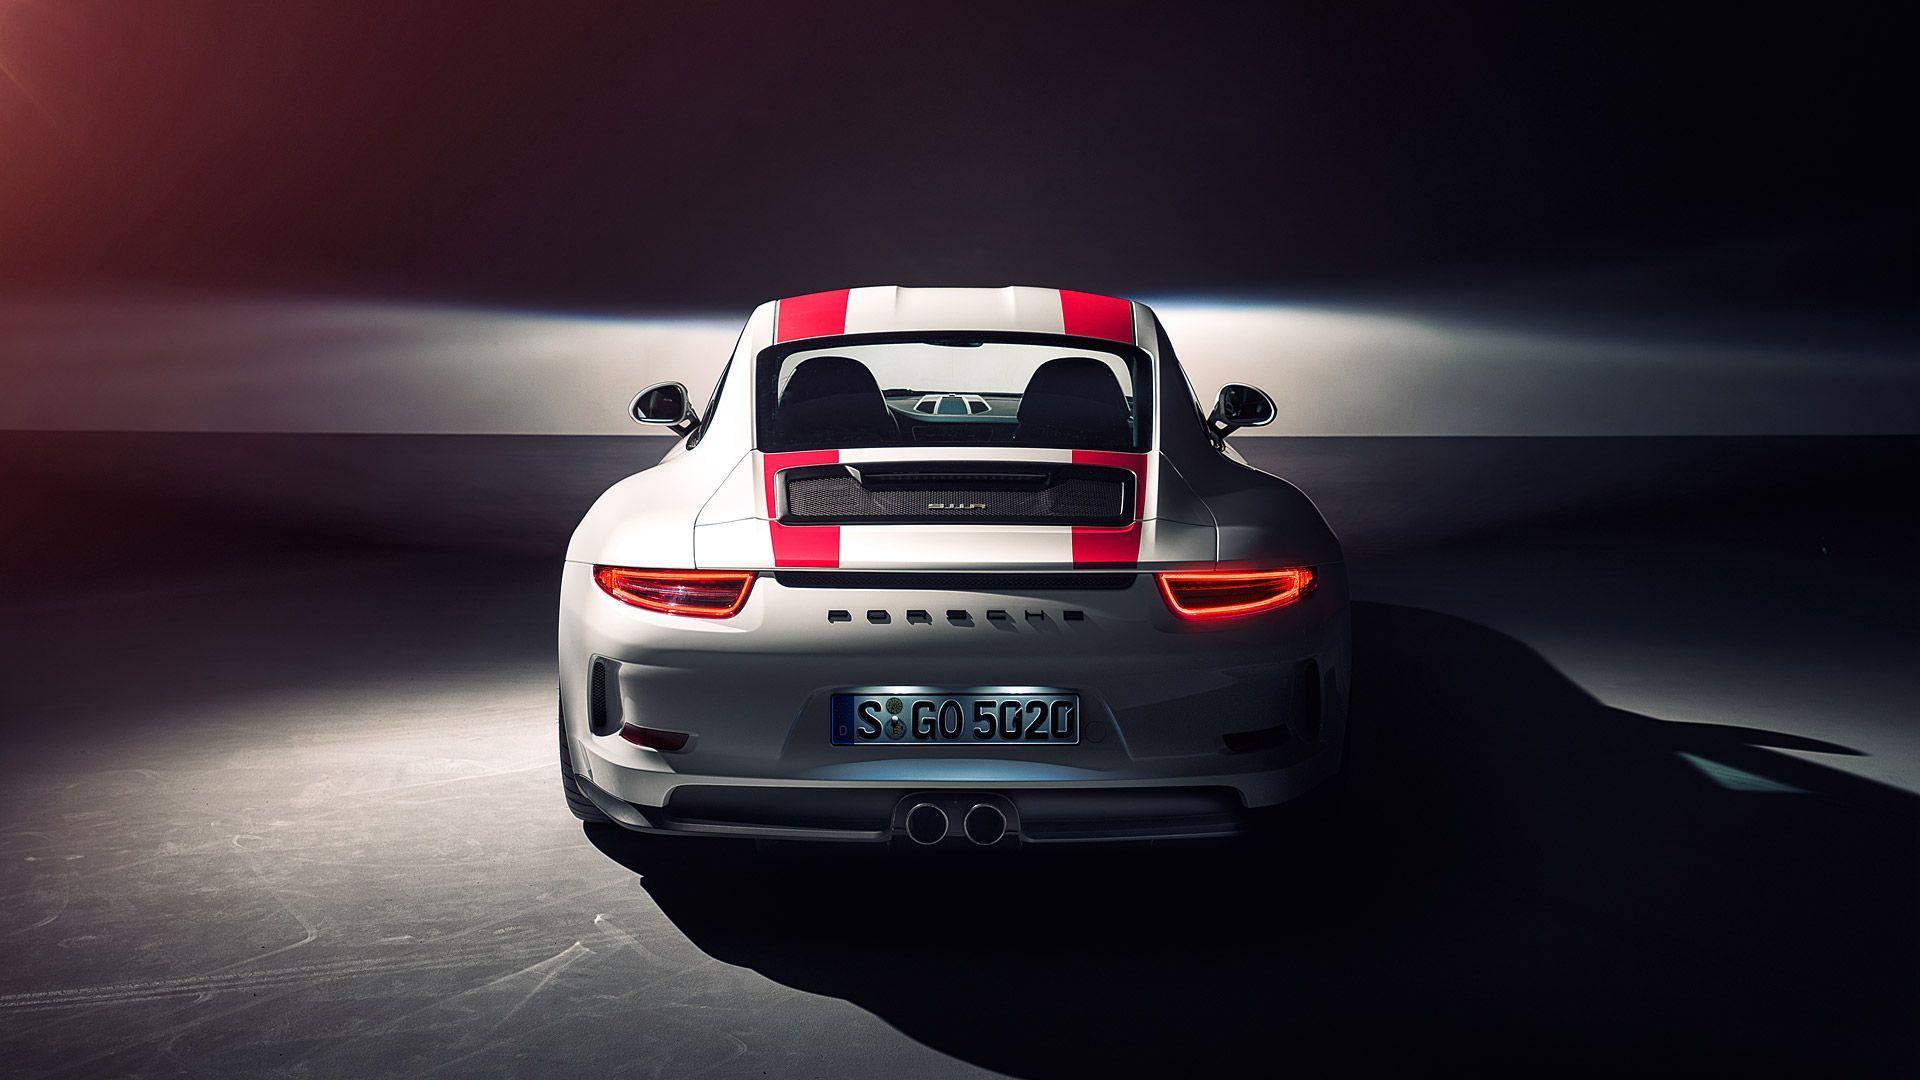 Porsche 911 Wallpapers - Top Free